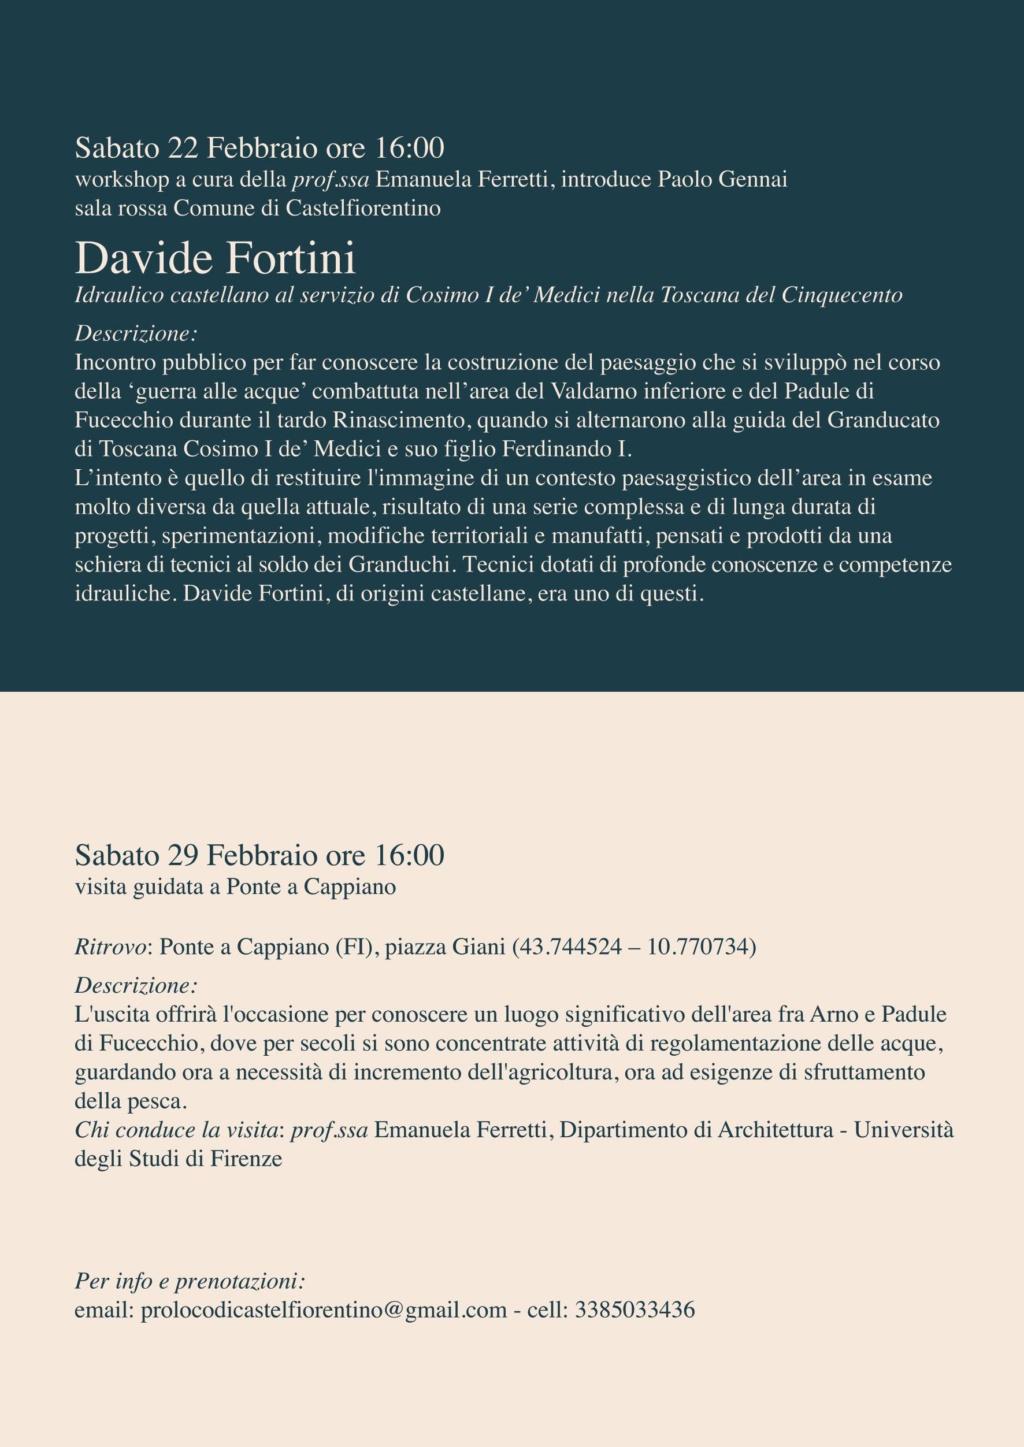 Davide Fortini. Idraulico castellano al servizio di Cosimo I De' Medici Festa_12